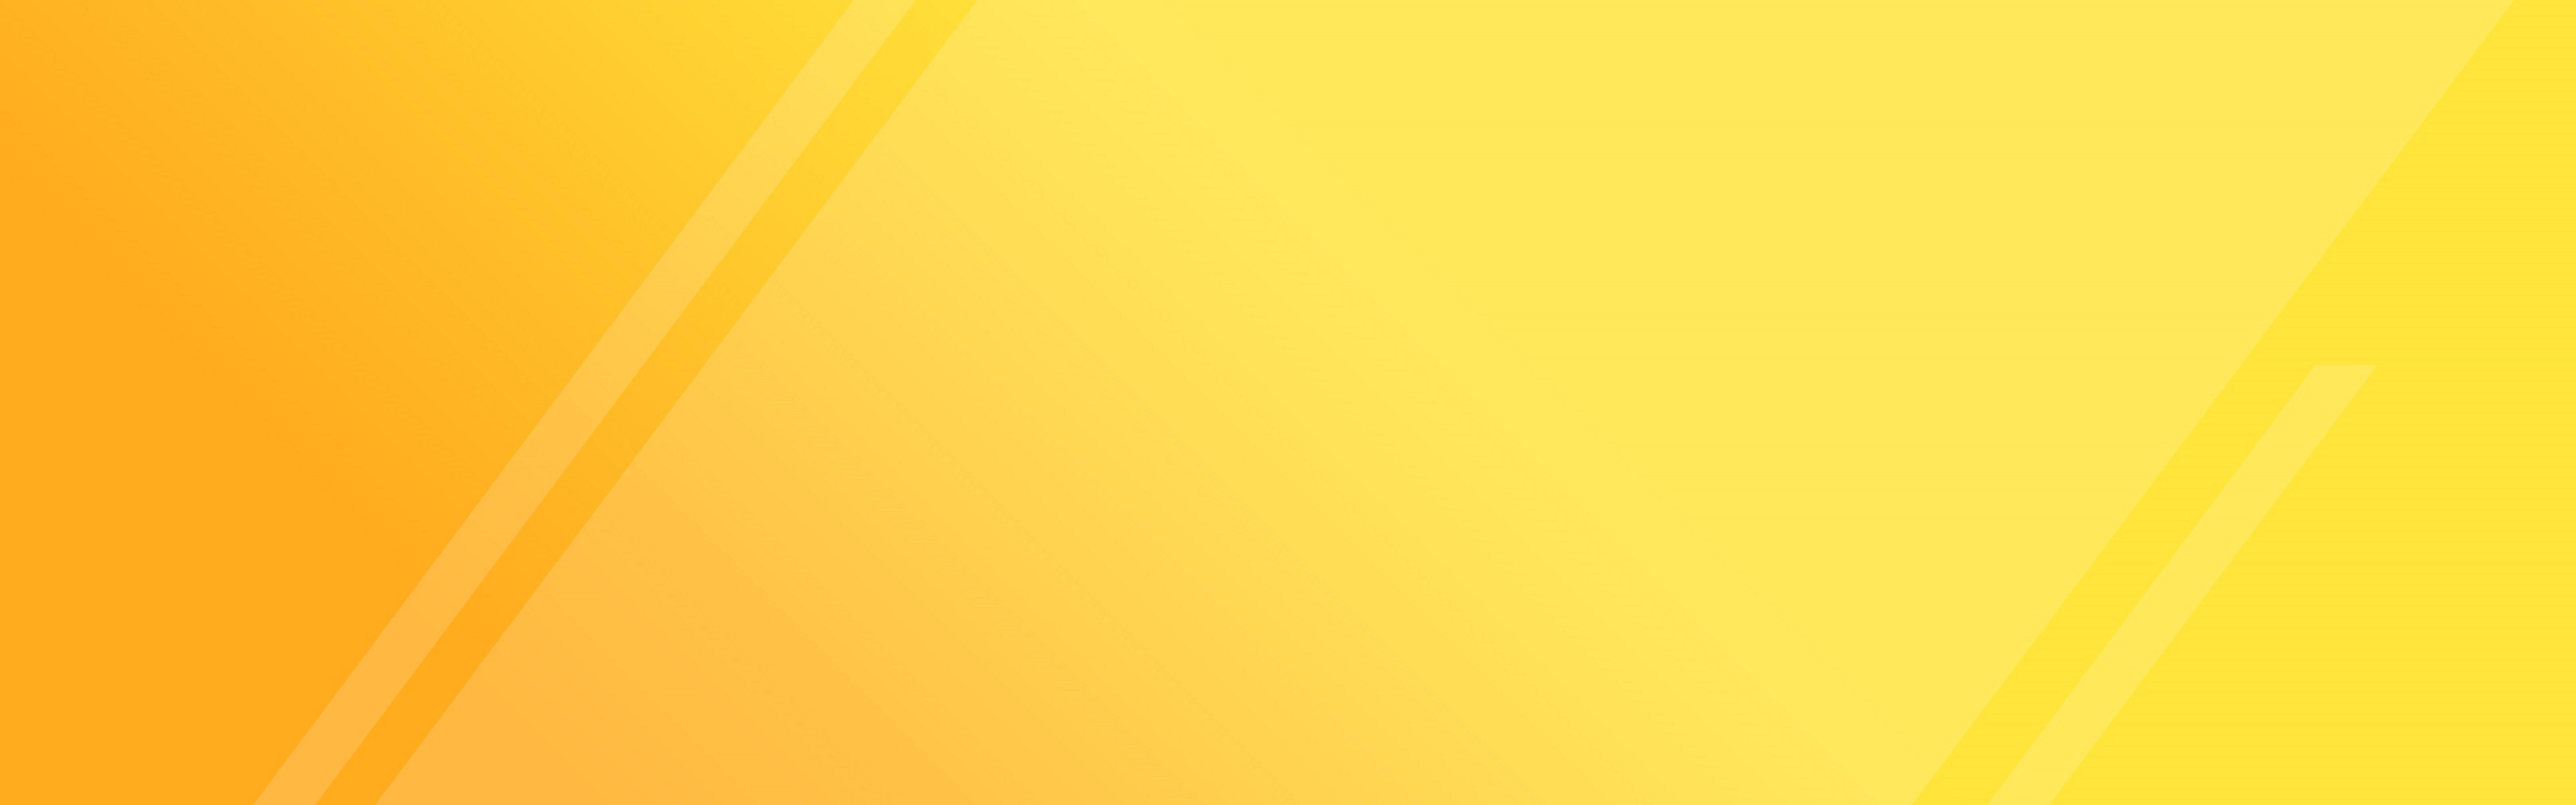 textura pano de fundo papel de parede padr u00e3o background amarelo luz o espa u00e7o imagem de plano de